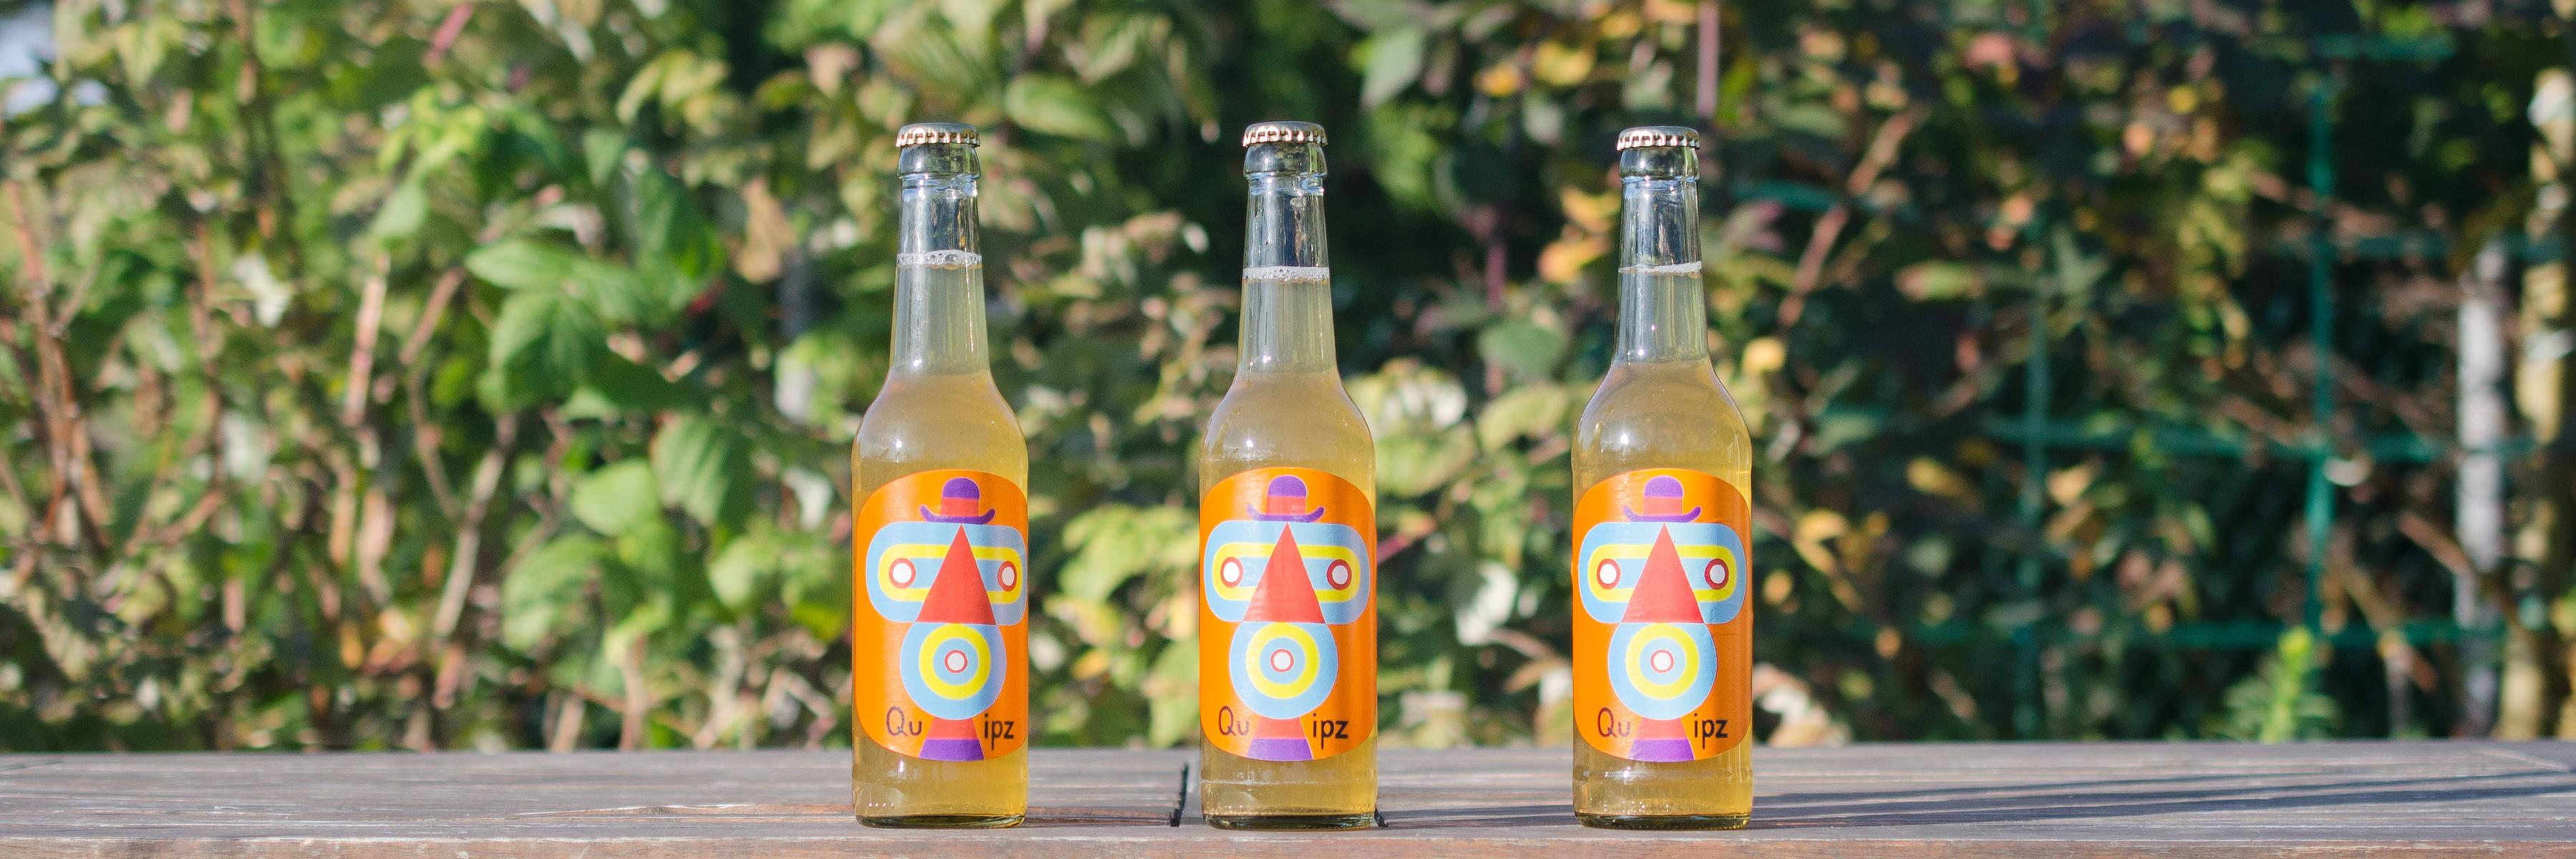 Kopfgrafik mit Limonadenflaschen